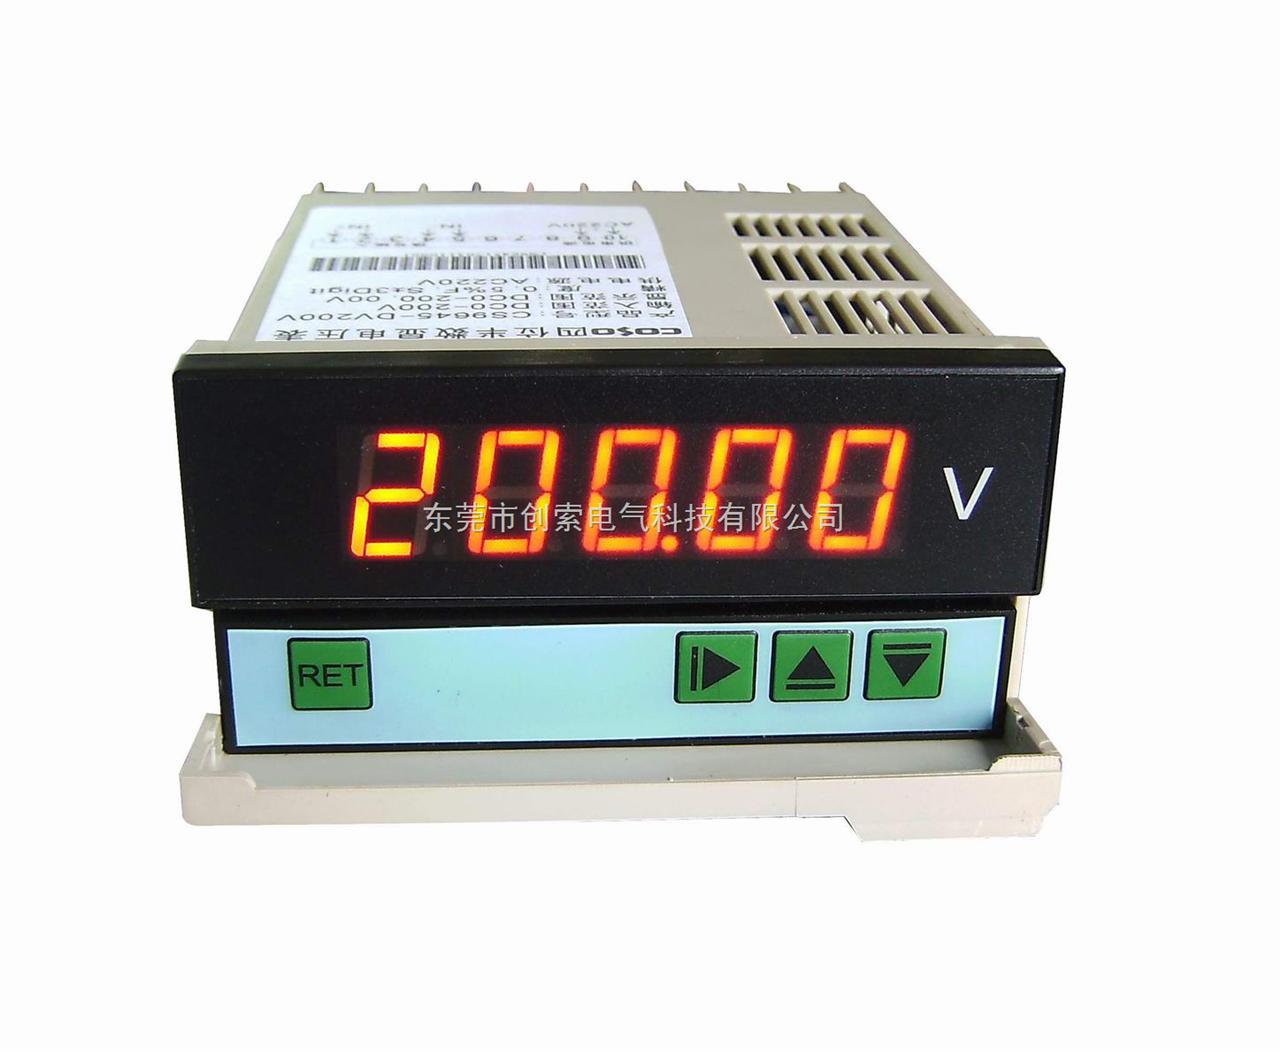 四位電流表电压表